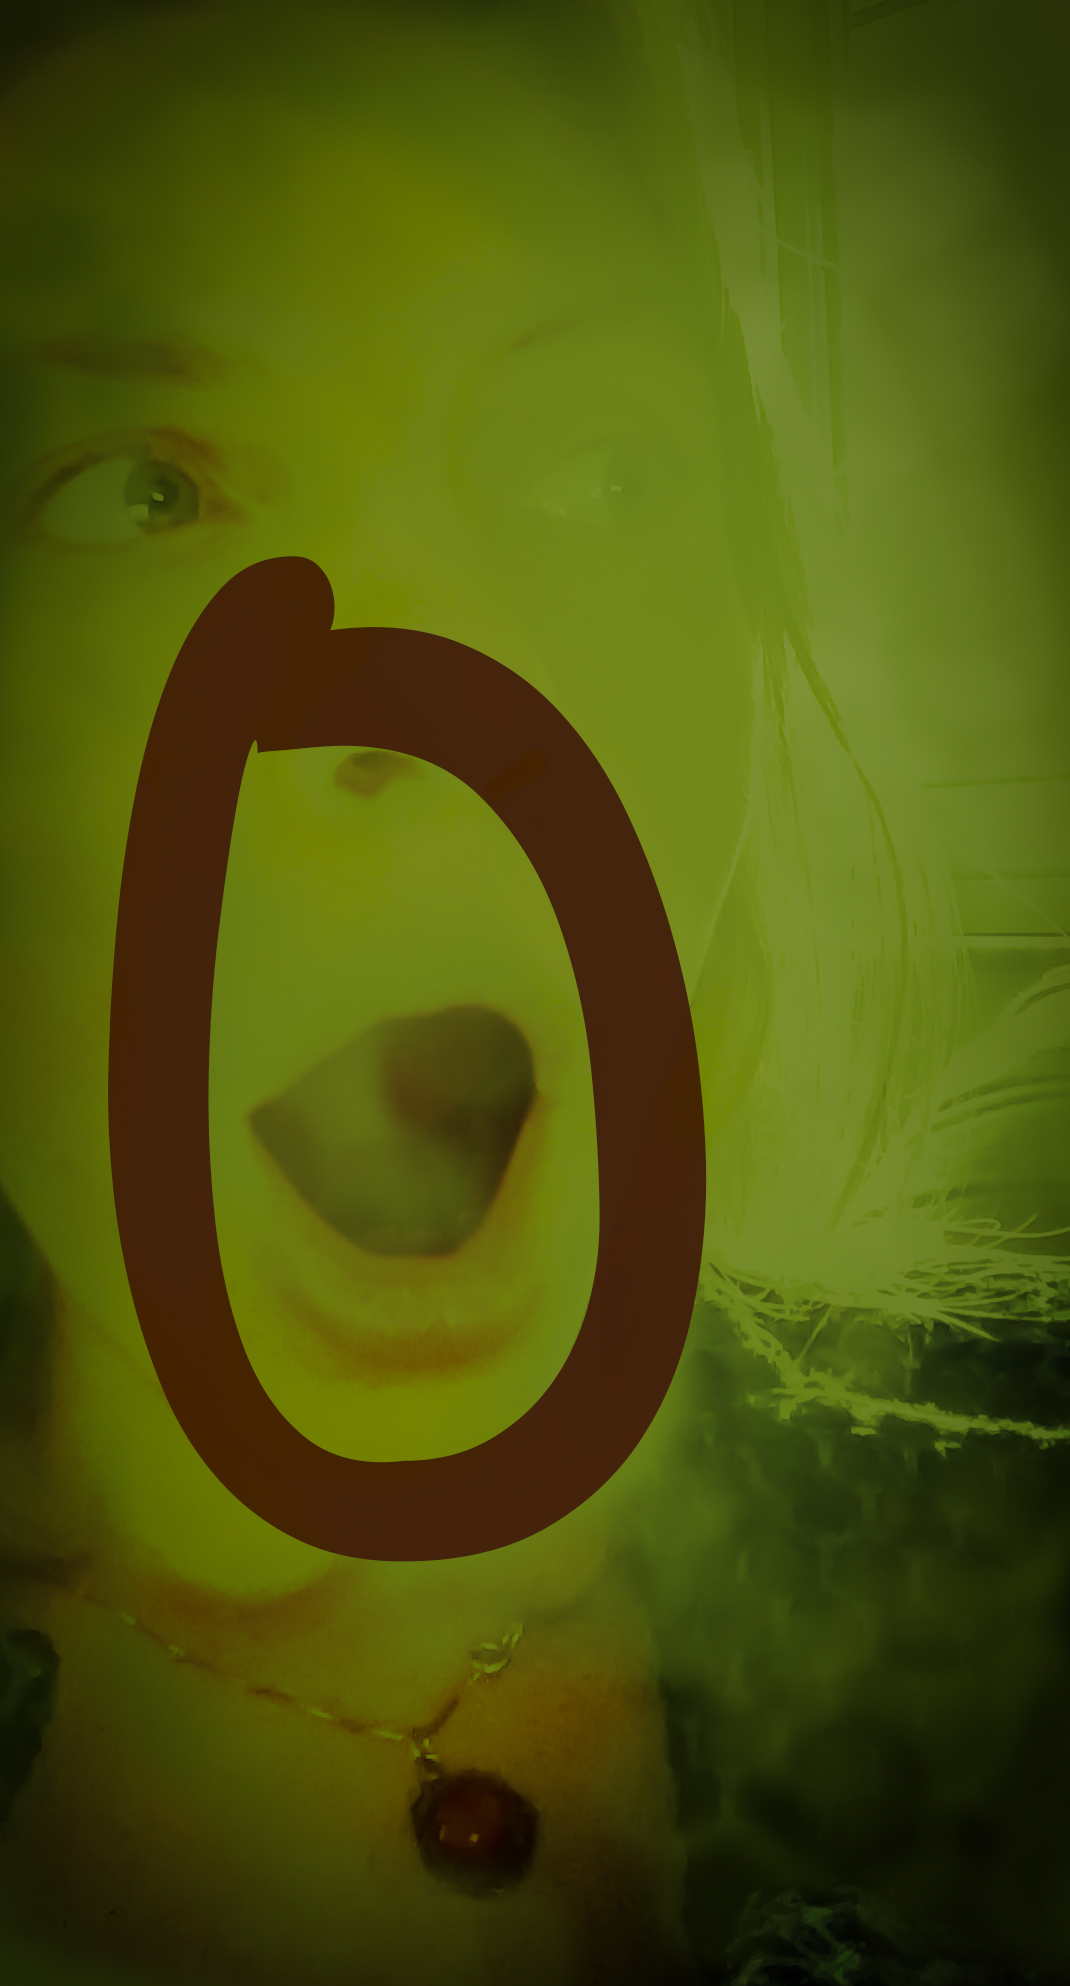 Letter-O.jpg